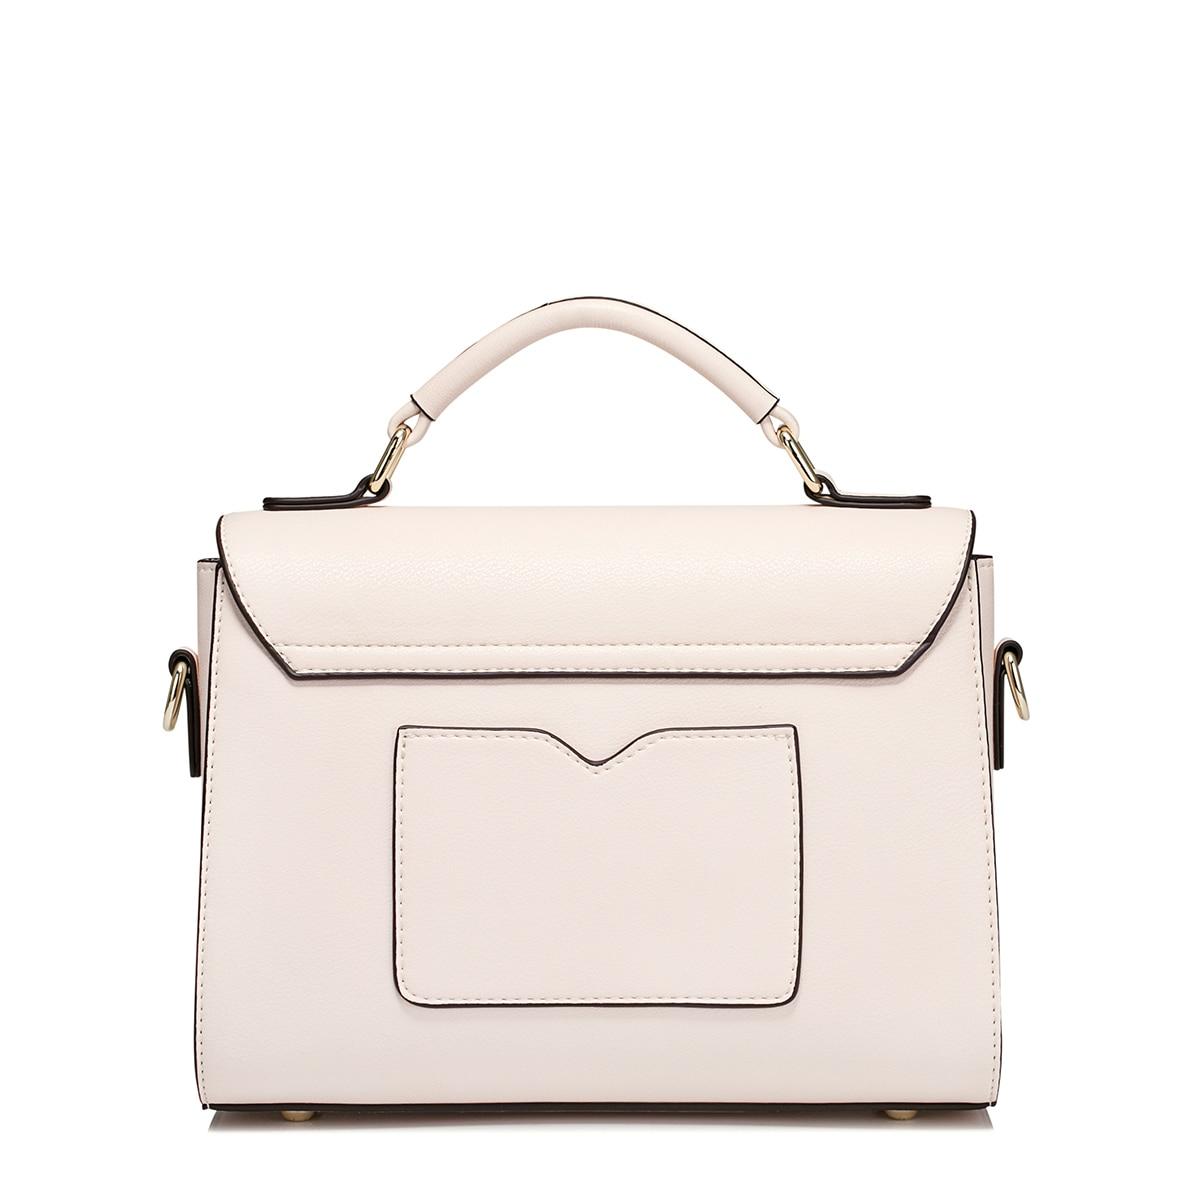 Bagaj ve Çantalar'ten Omuz Çantaları'de 2017 Zarif Payetli Parfüm Şişesi Kadınlar Flap Çanta Marka Tasarım Lüks Püsküller omuz çantaları Bayanlar Crossbody askılı çanta'da  Grup 3